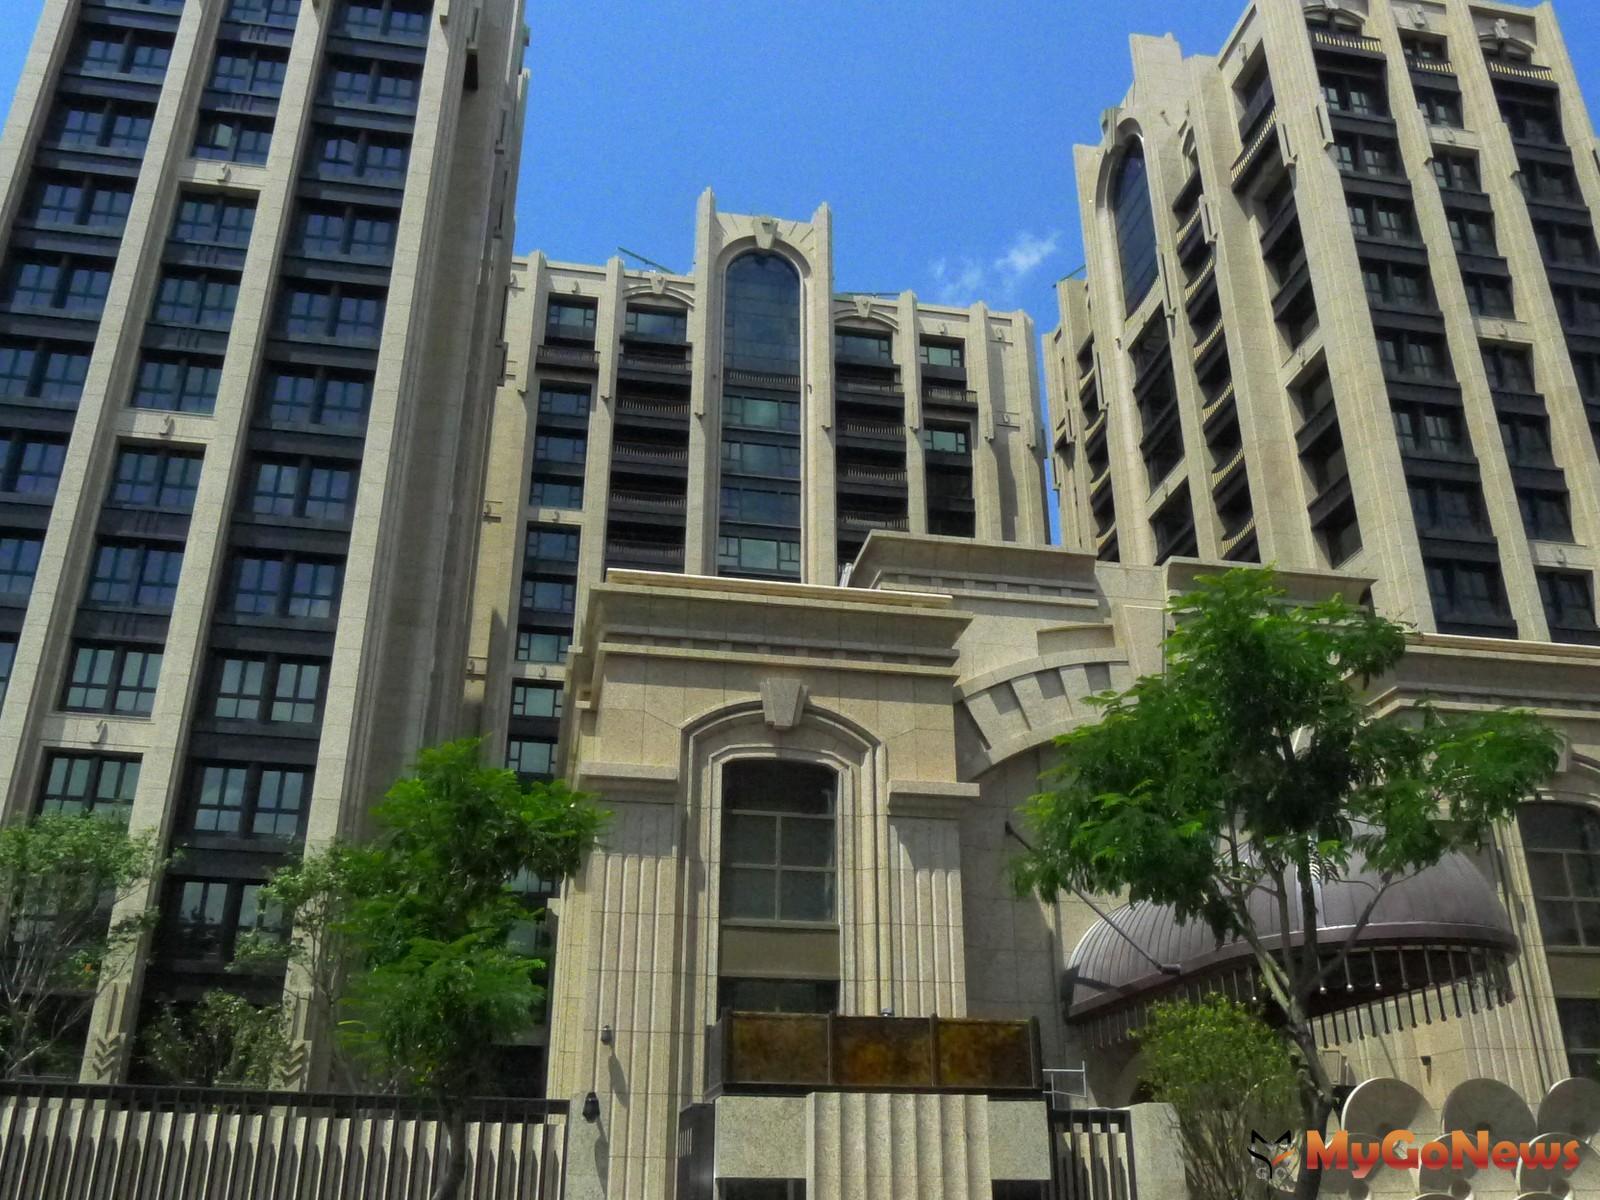 巷弄豪宅身價不斐 2020年這條巷賣最多,圖為皇翔御琚(圖:台灣房屋)  MyGoNews房地產新聞 市場快訊